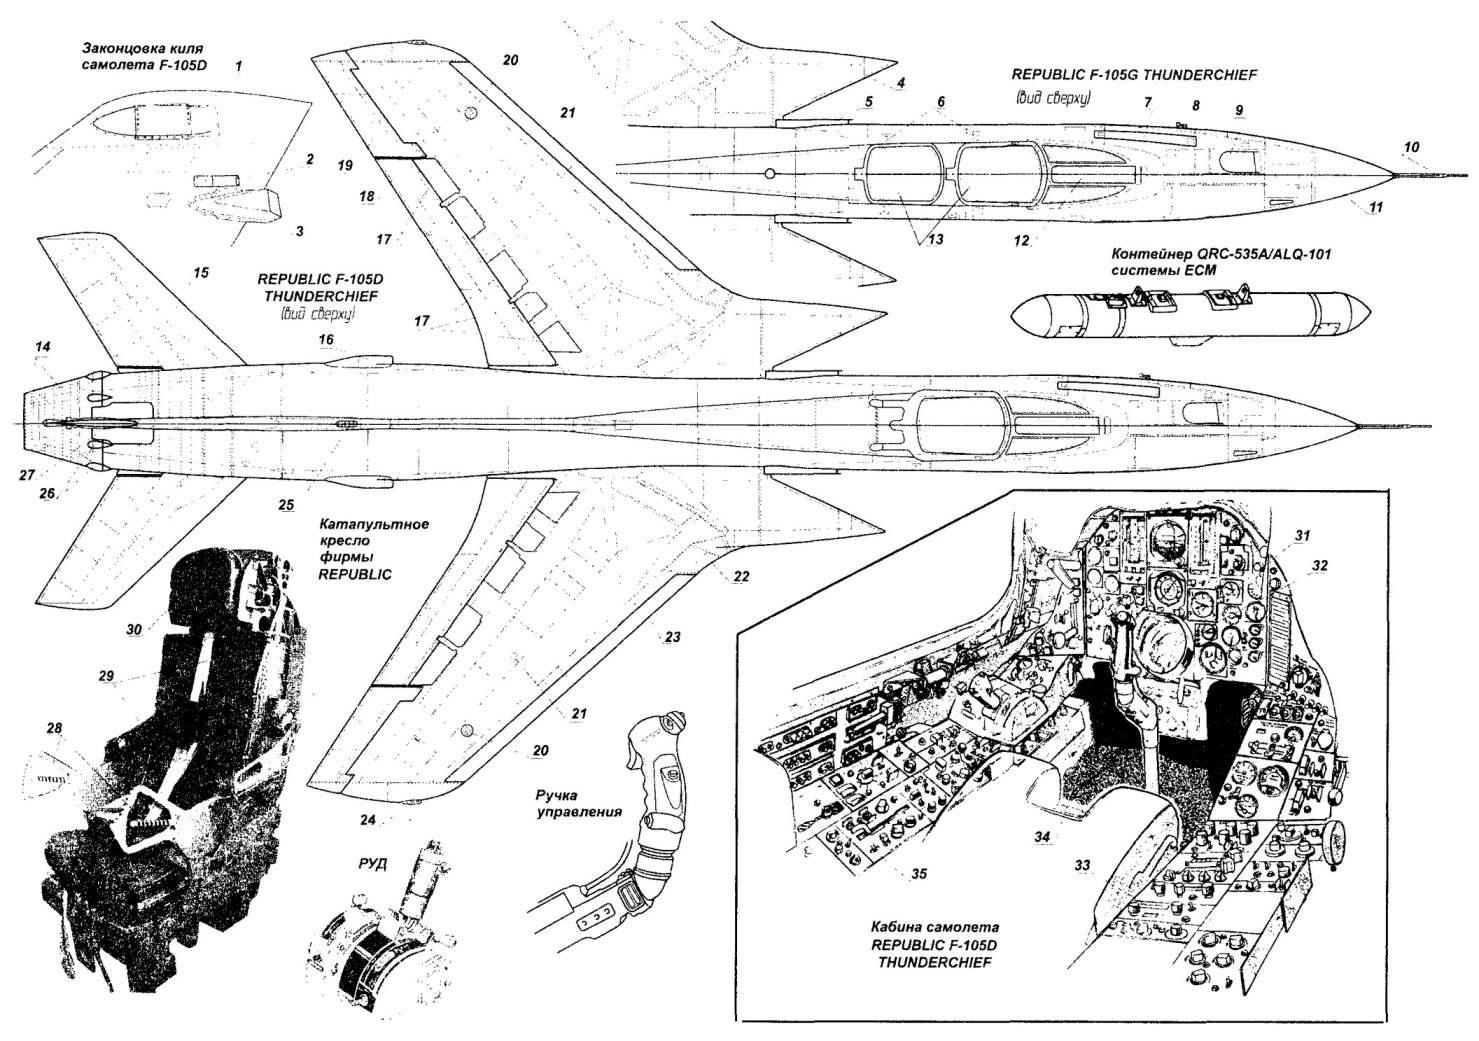 Сверхзвуковой тактический истребитель-бомбардировщик Republic F-105 Thunderchief